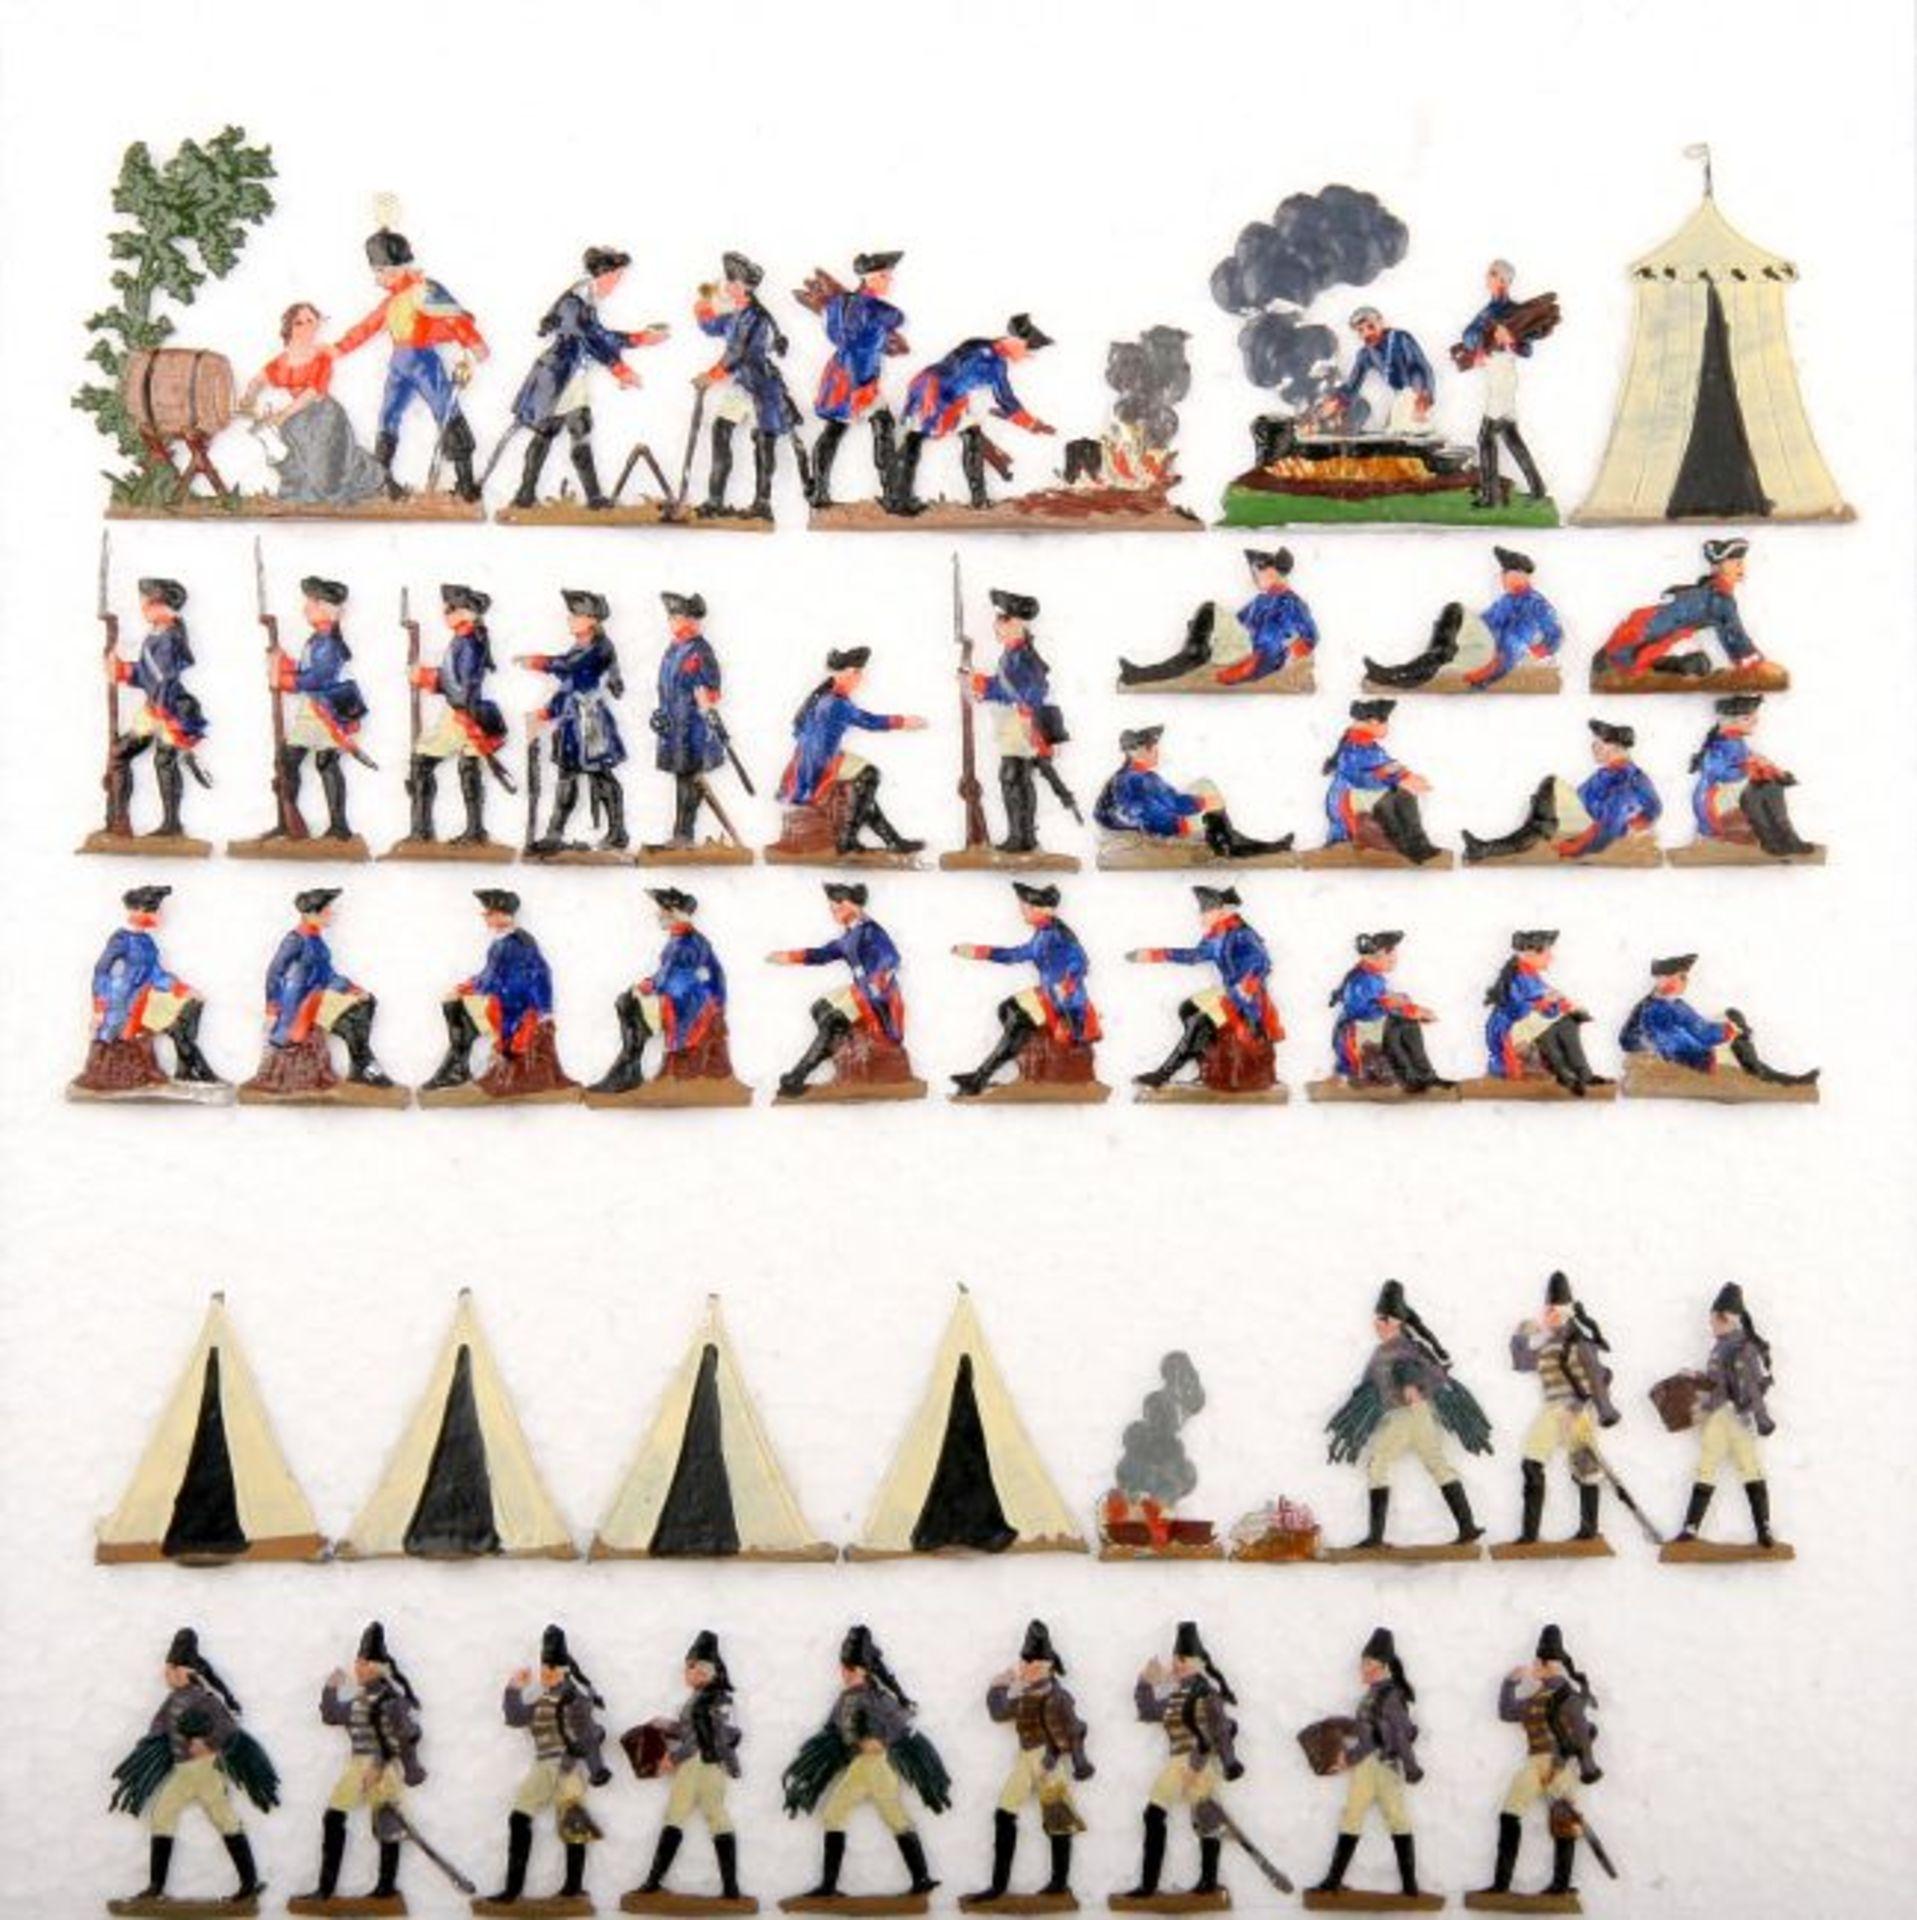 Preußen um 1760, Lagerleben (Musketiere und Husaren), Heinrichsen, Originalbemalung, 47 Figuren,